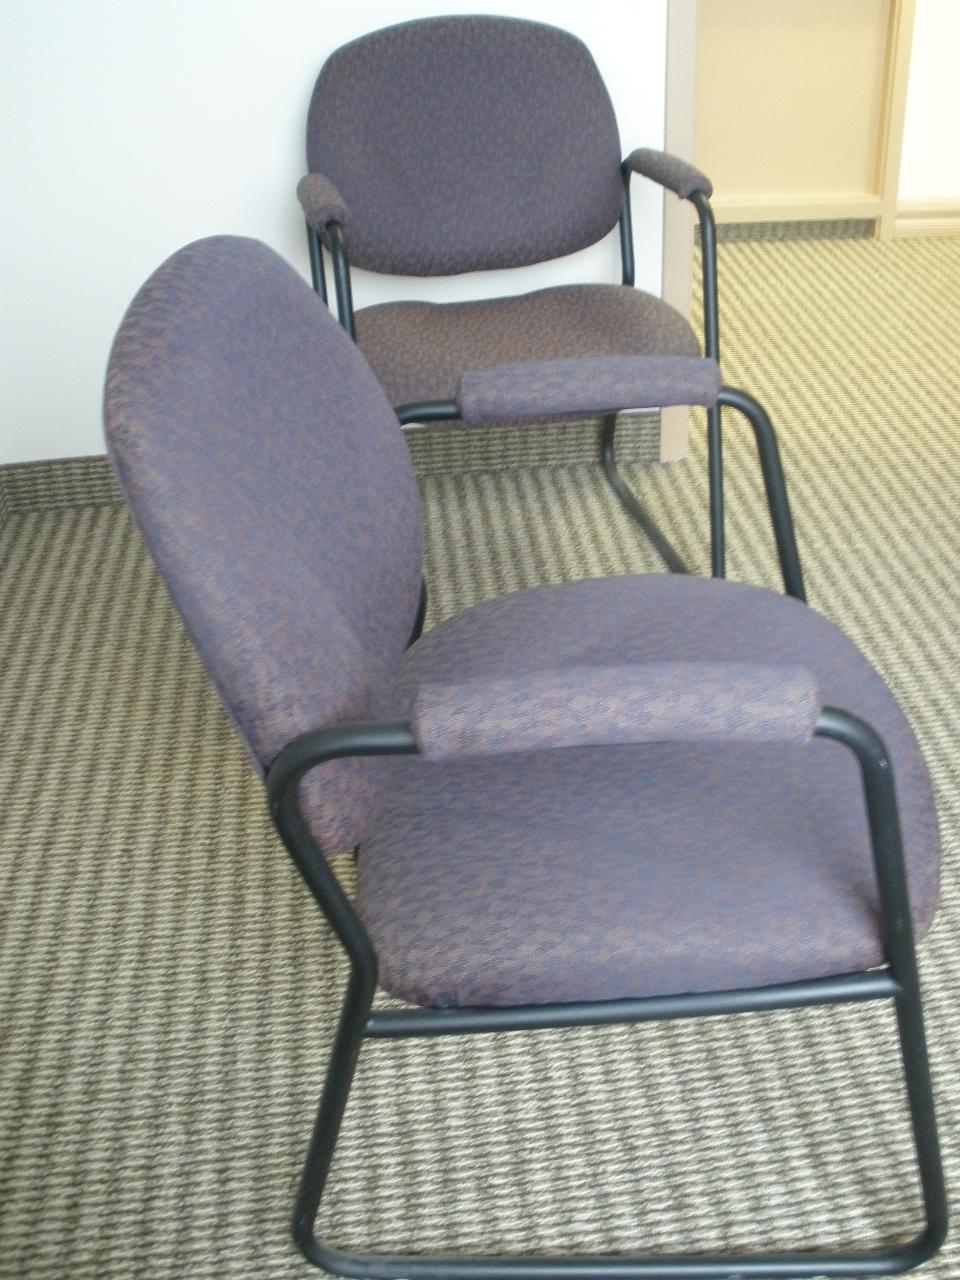 Rembourrage commercial, chaises d'une salle d'attente